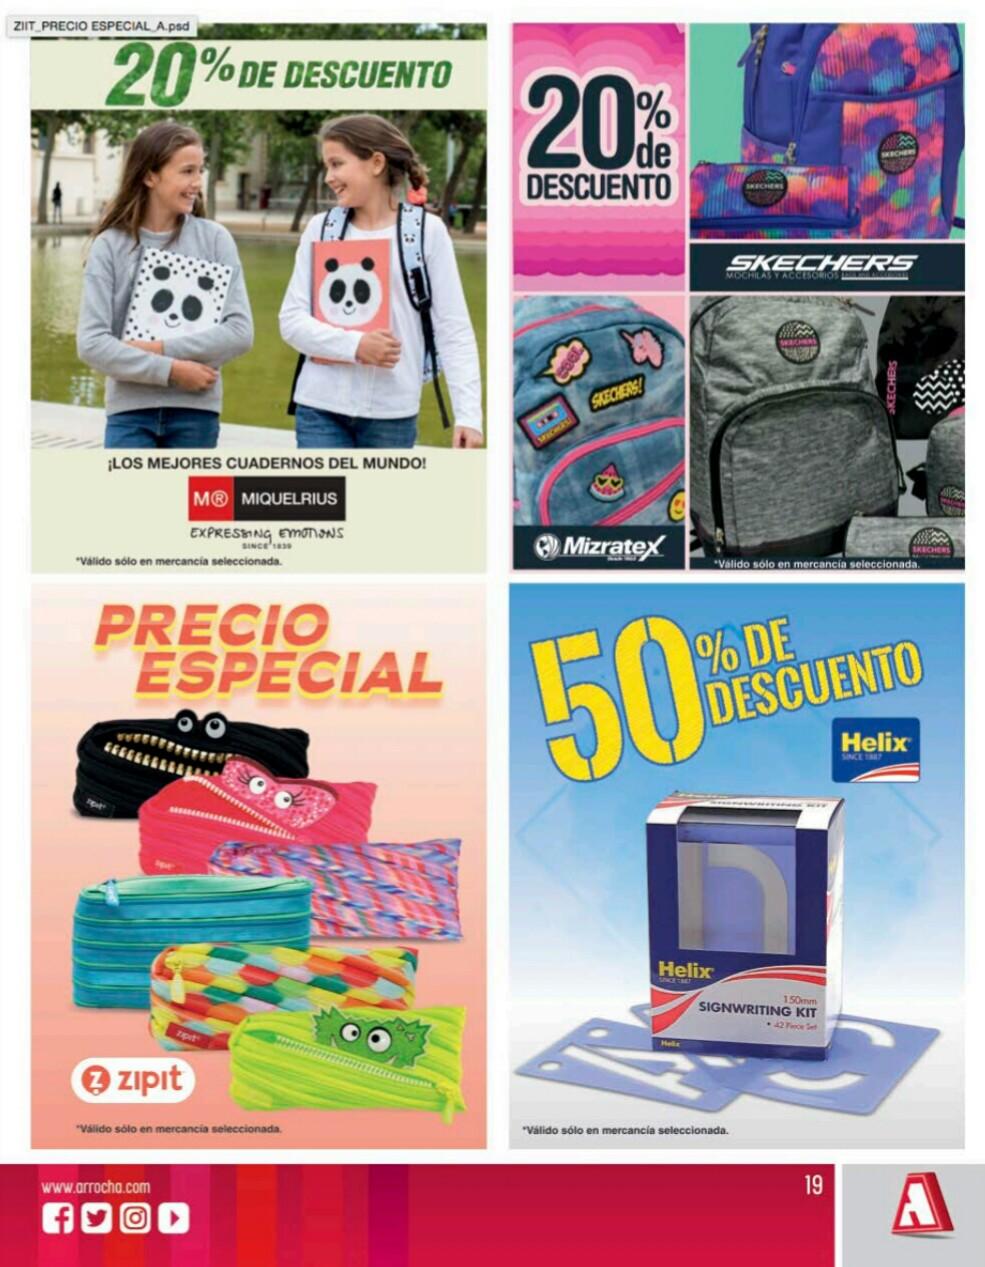 Catalogo farmacias arrocha Julio año 2019 p19